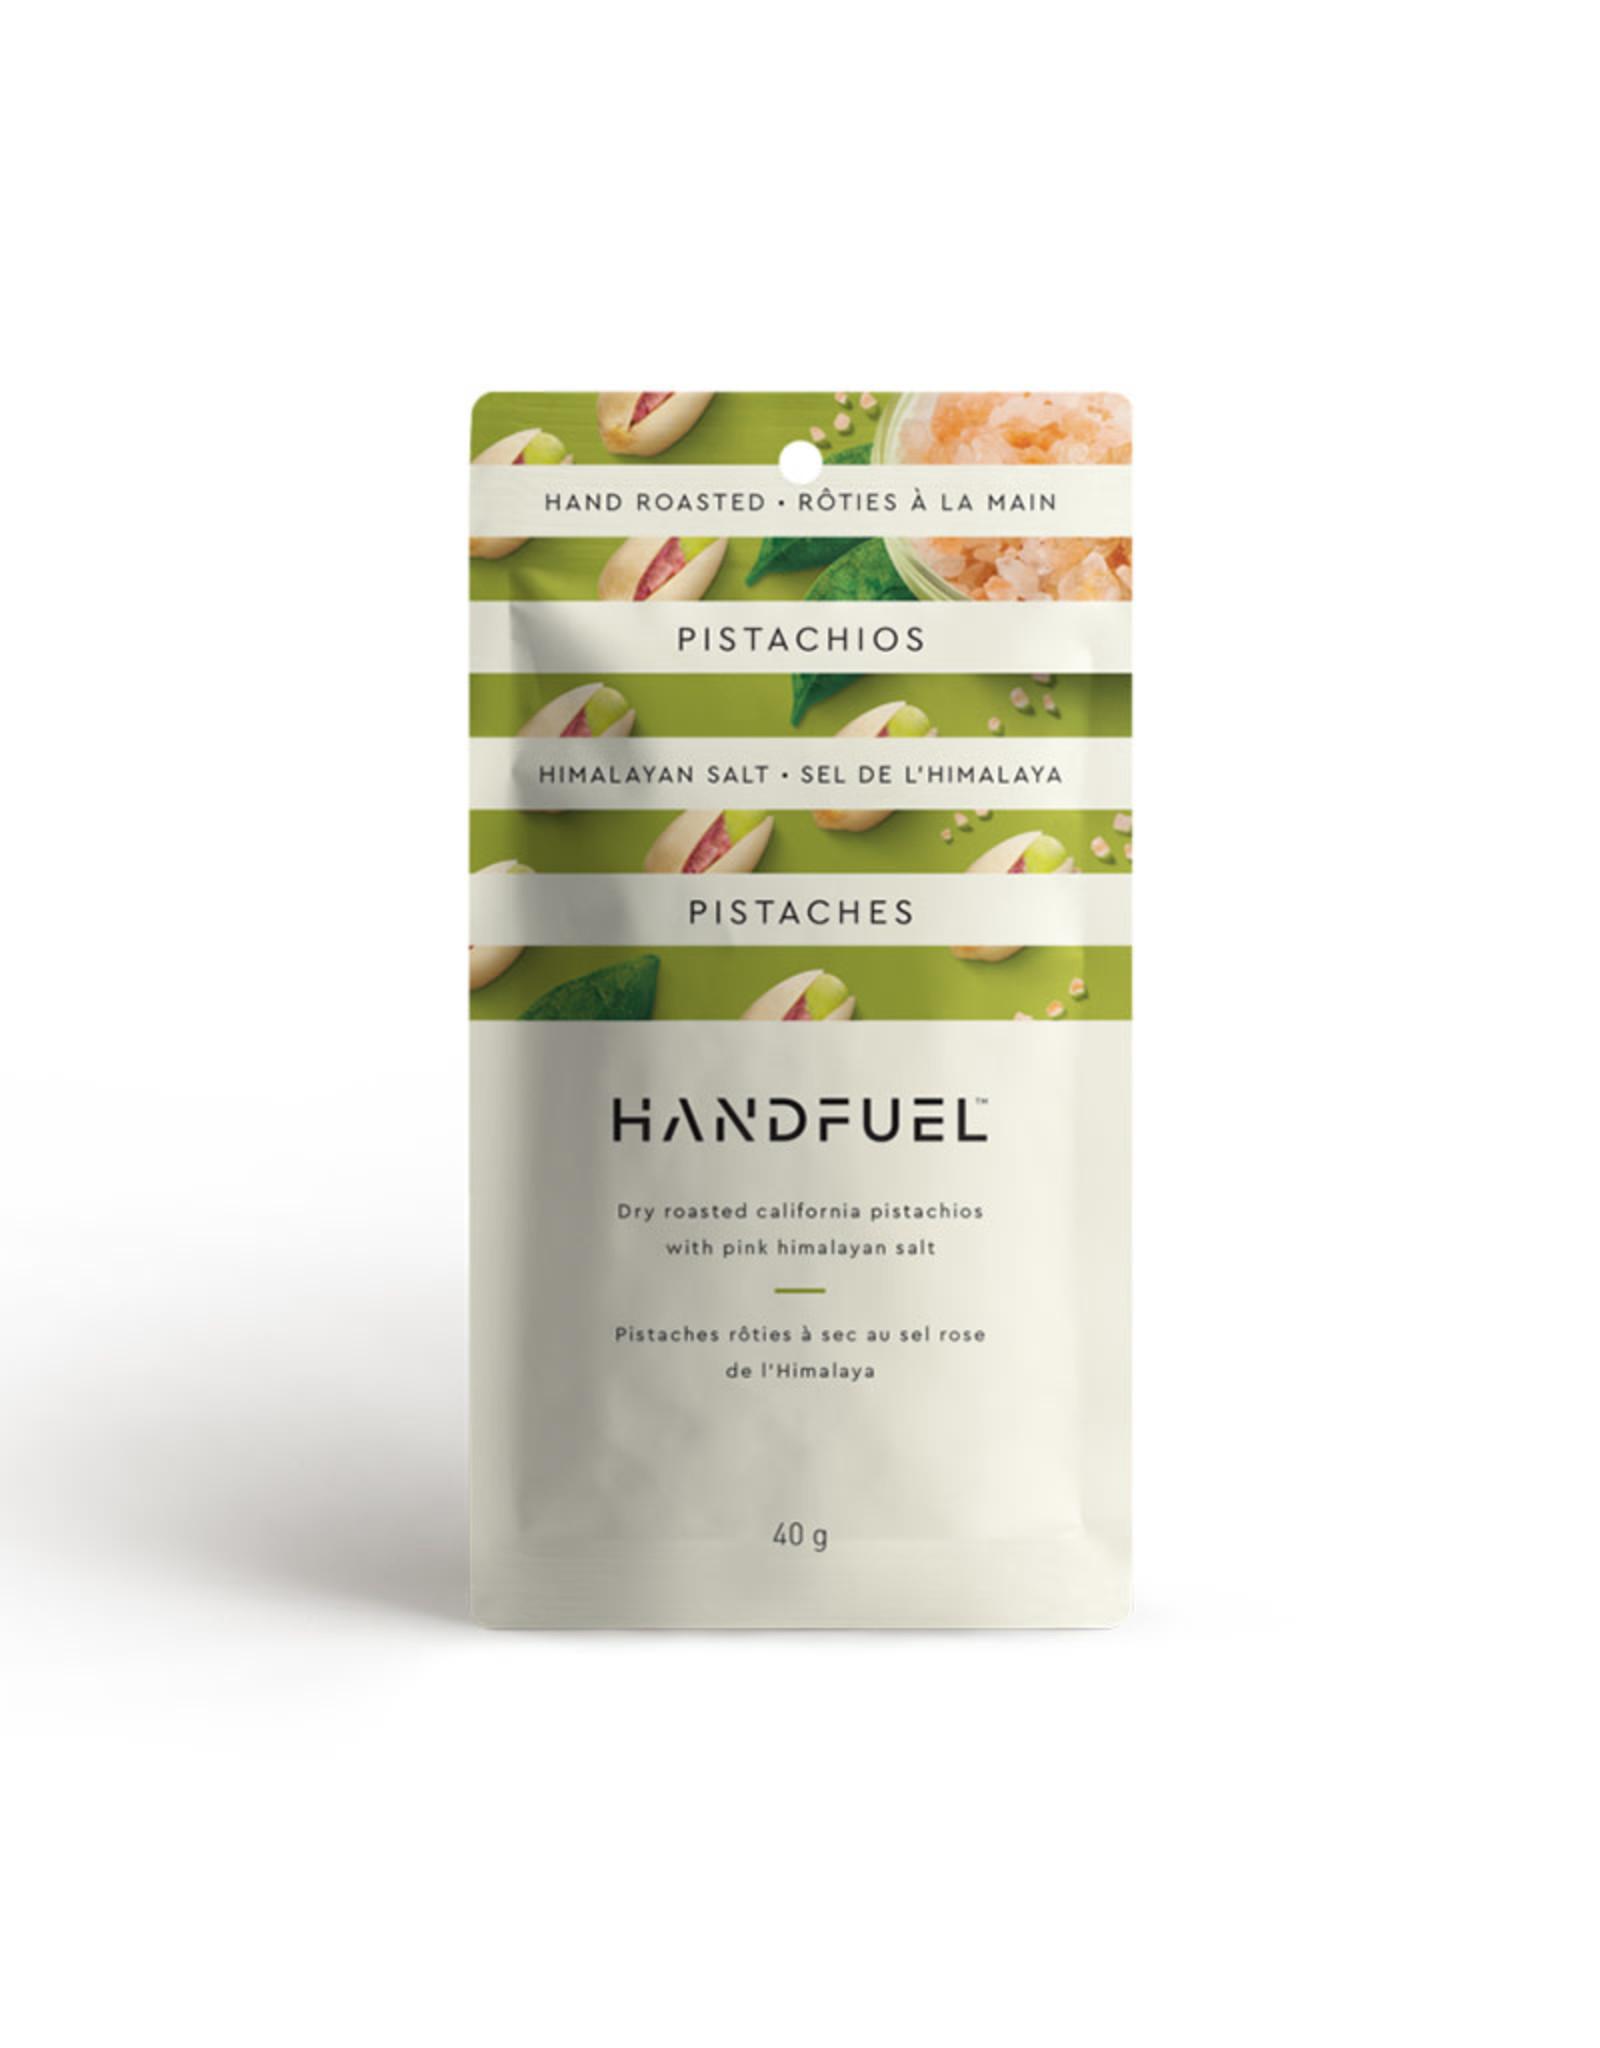 Handfuel Handfuel - Hand Roasted Pistachios (40g)